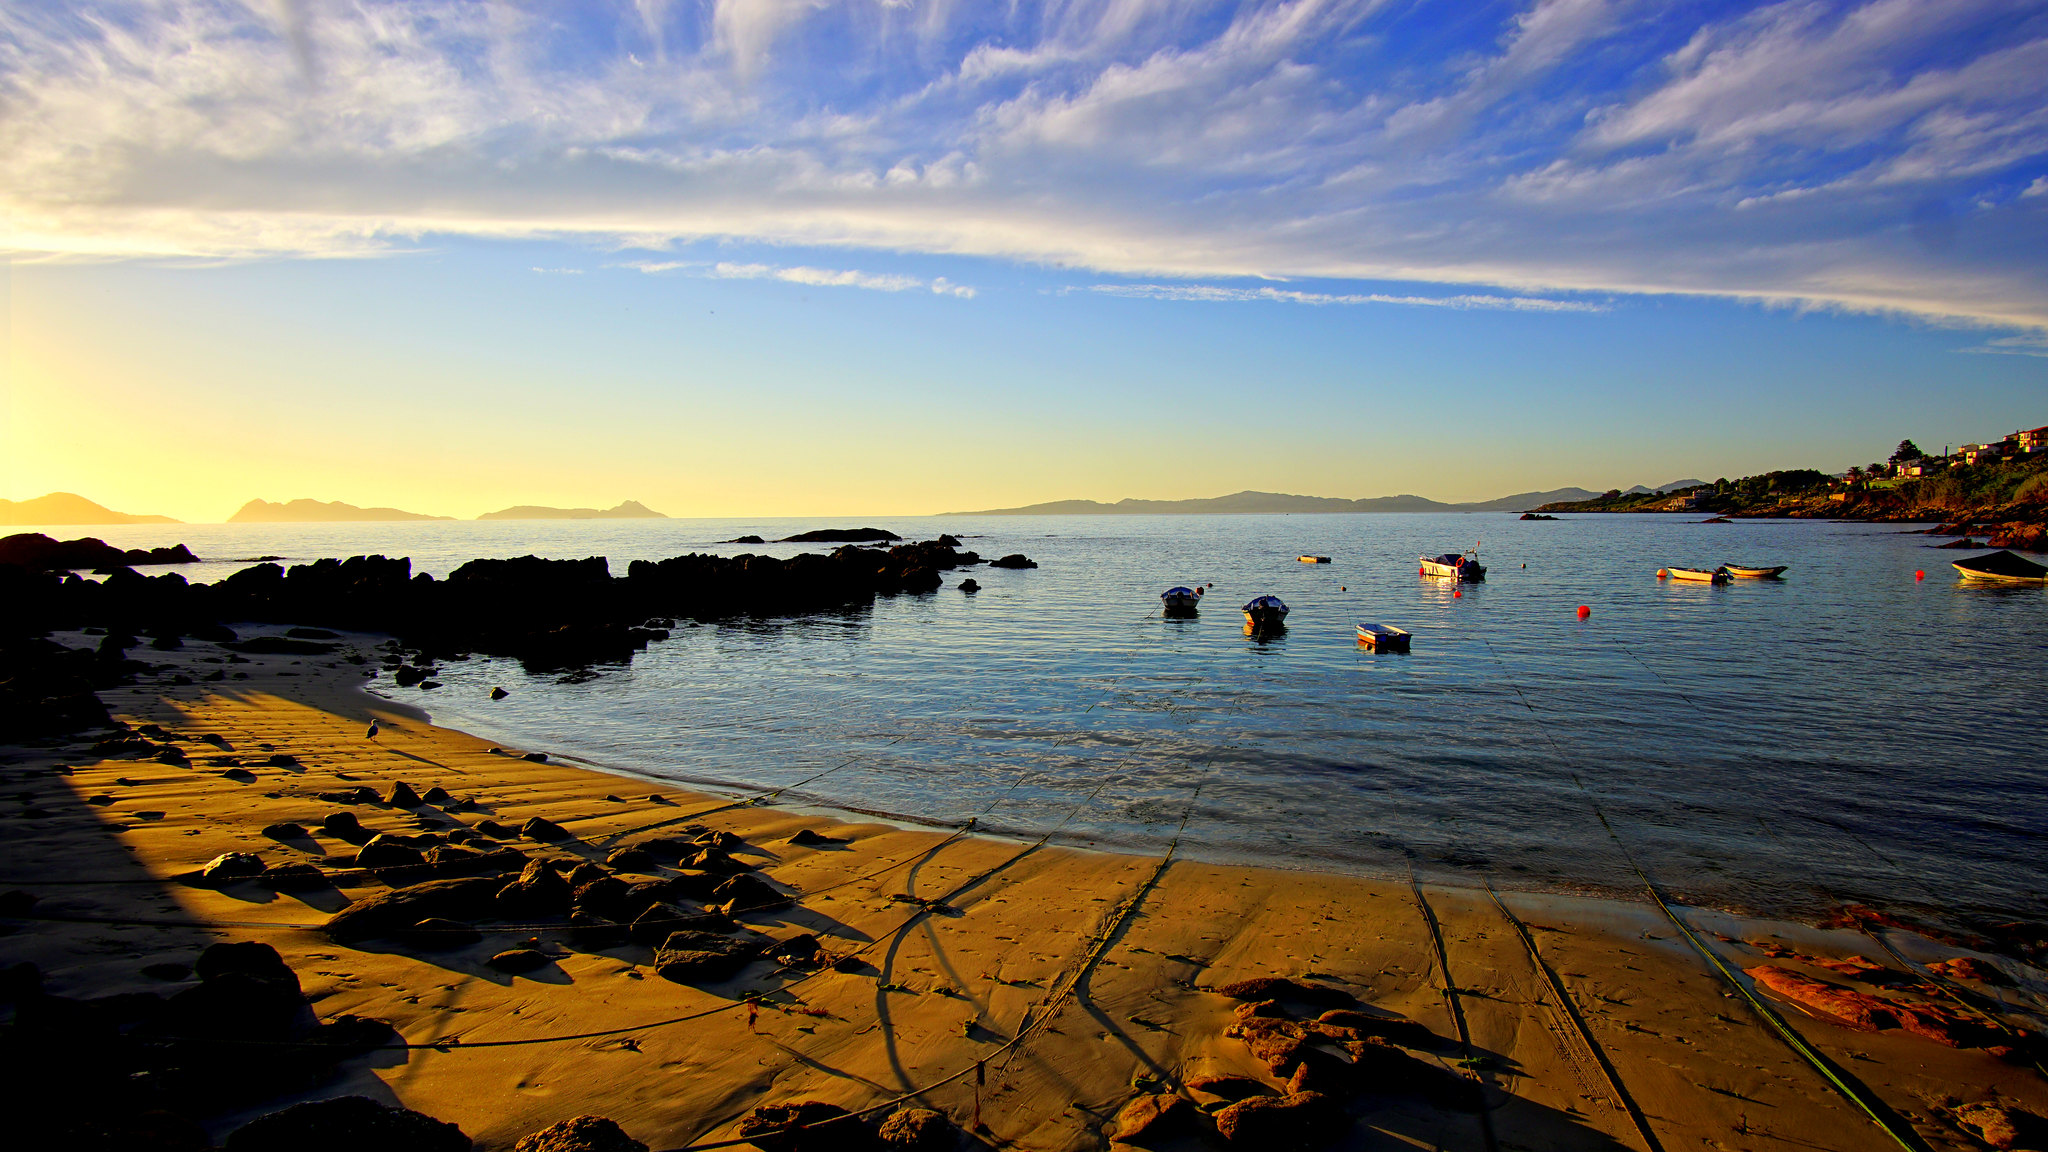 5 Best Things to do in Cies Islands, Spain